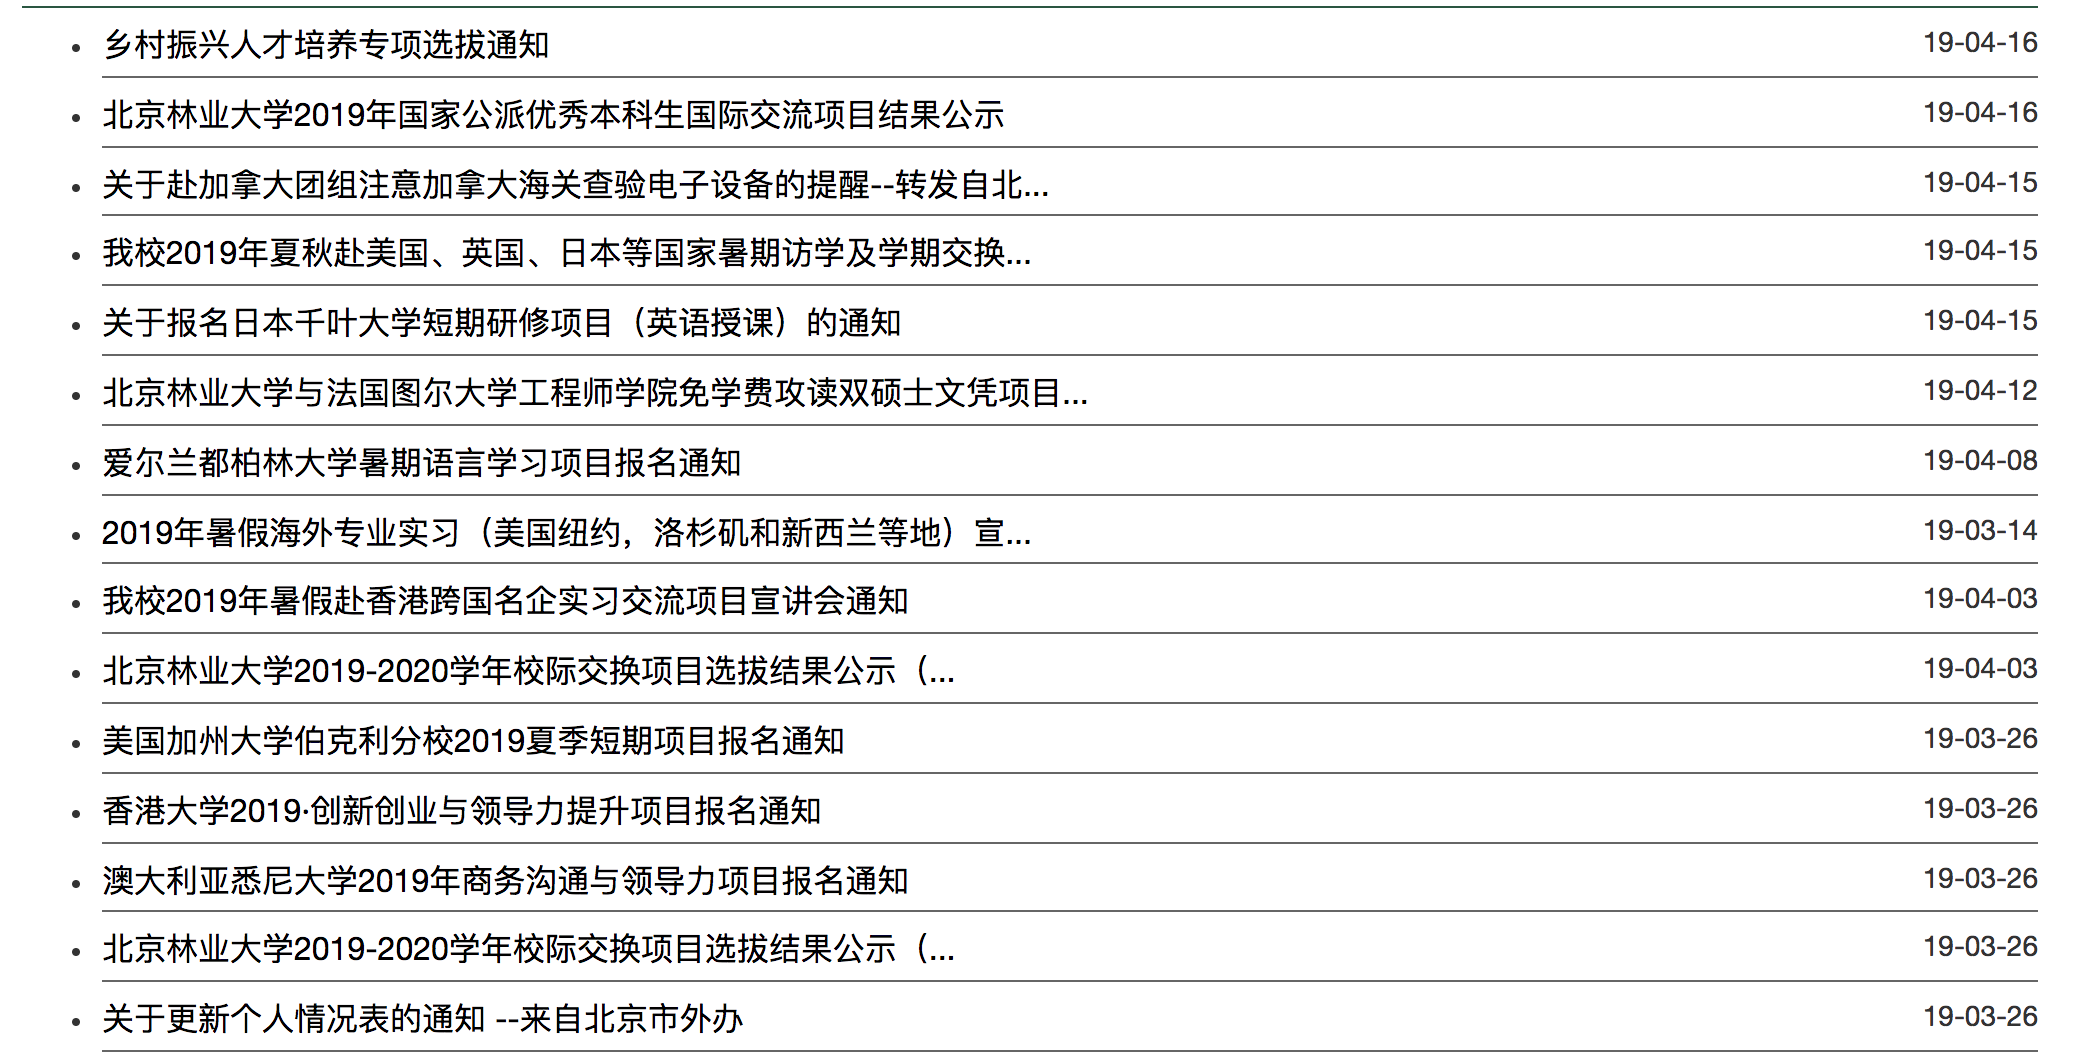 2019报考北京林业大学,招生变化、特色专业、录取分数和交流机会